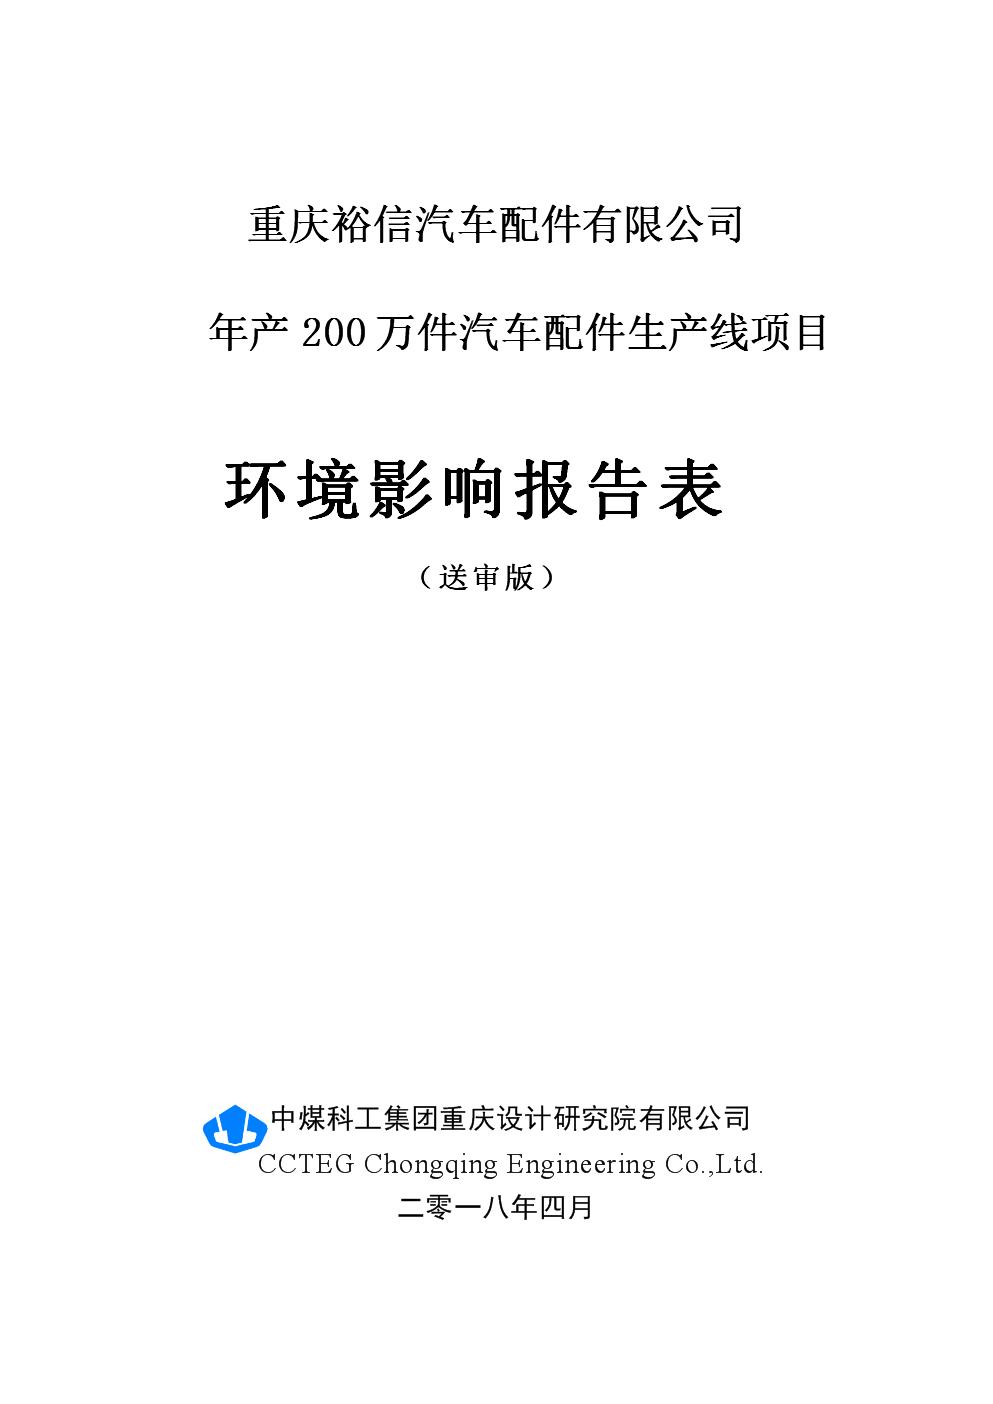 重庆裕信汽车配件有限公司年产200万件汽车配件生产线项目环境影响报告表.doc